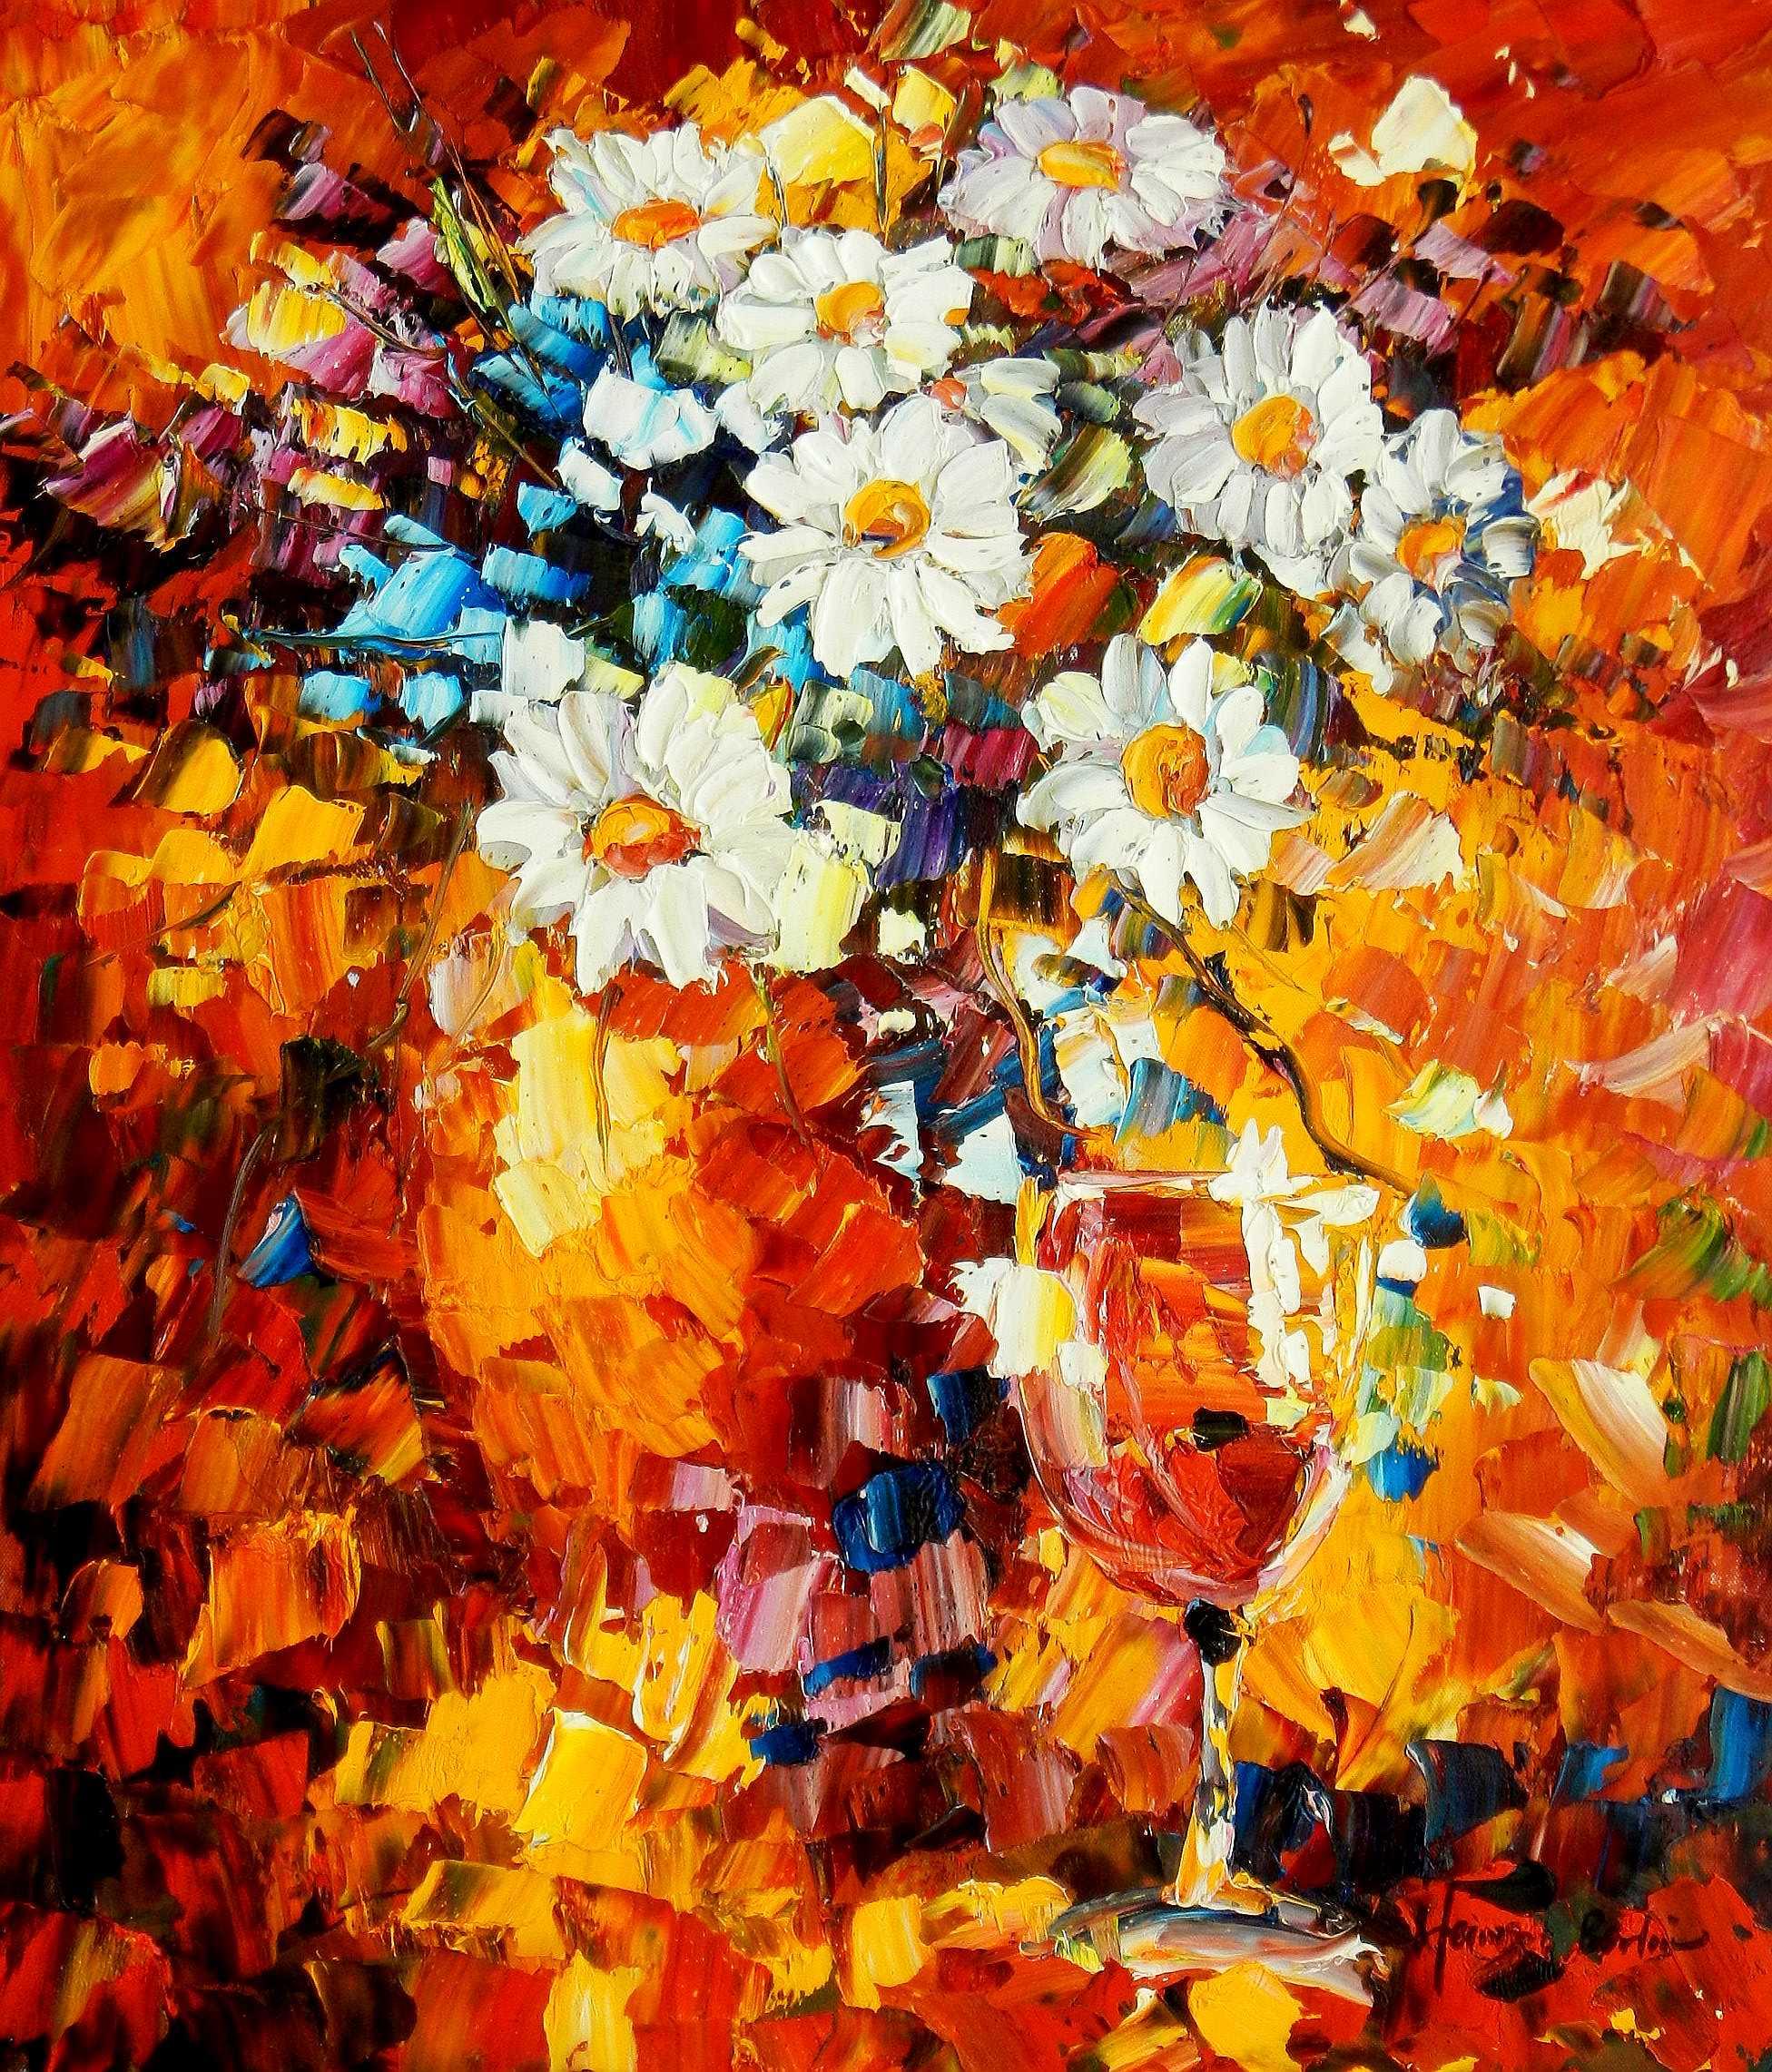 Modern Art - Abstraktes Blumengebinde c94806 50x60cm Ölgemälde ...